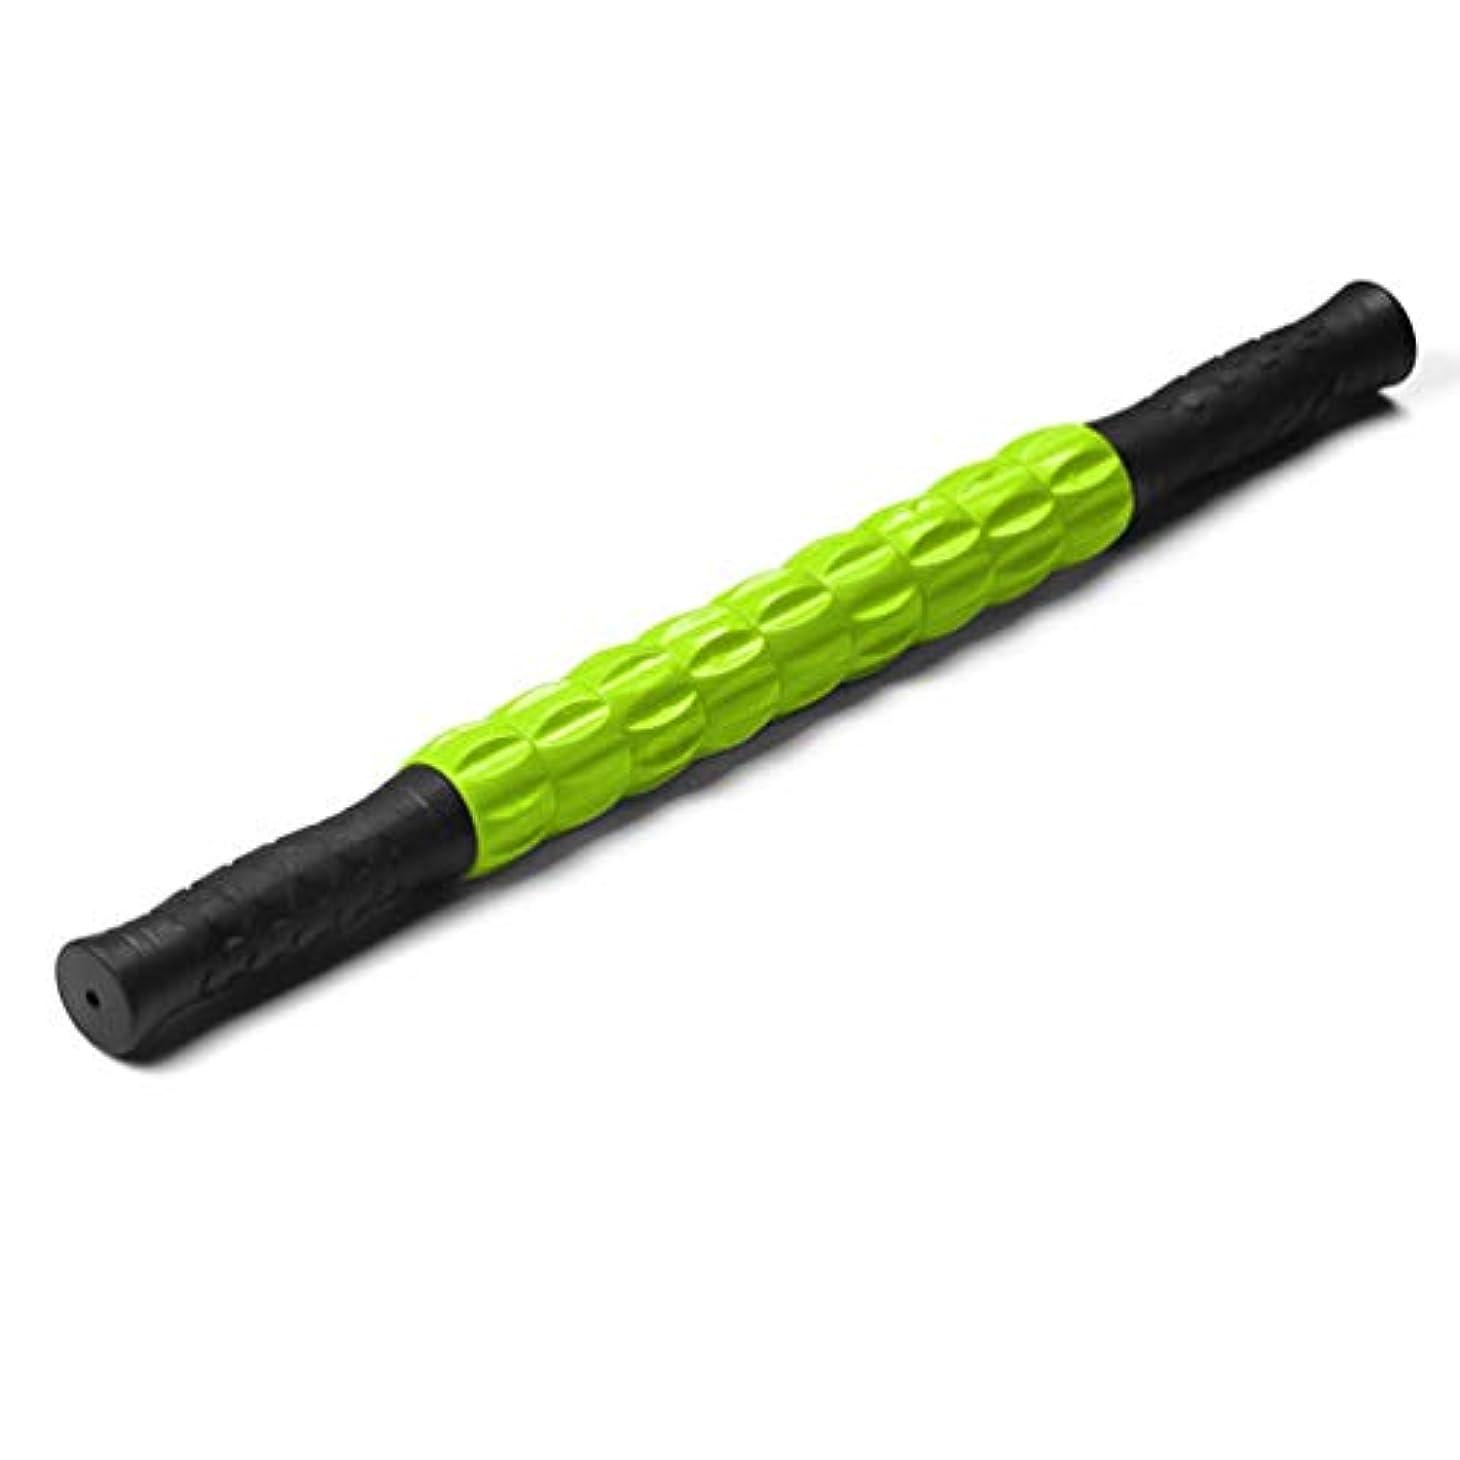 考慮吹きさらしカールマッスルマッサージスティックヨガディープマッスルリラクゼーションツールユニバーサルマッサージシャフトギアマッサージャーマッスルマッサージローラー - グリーン